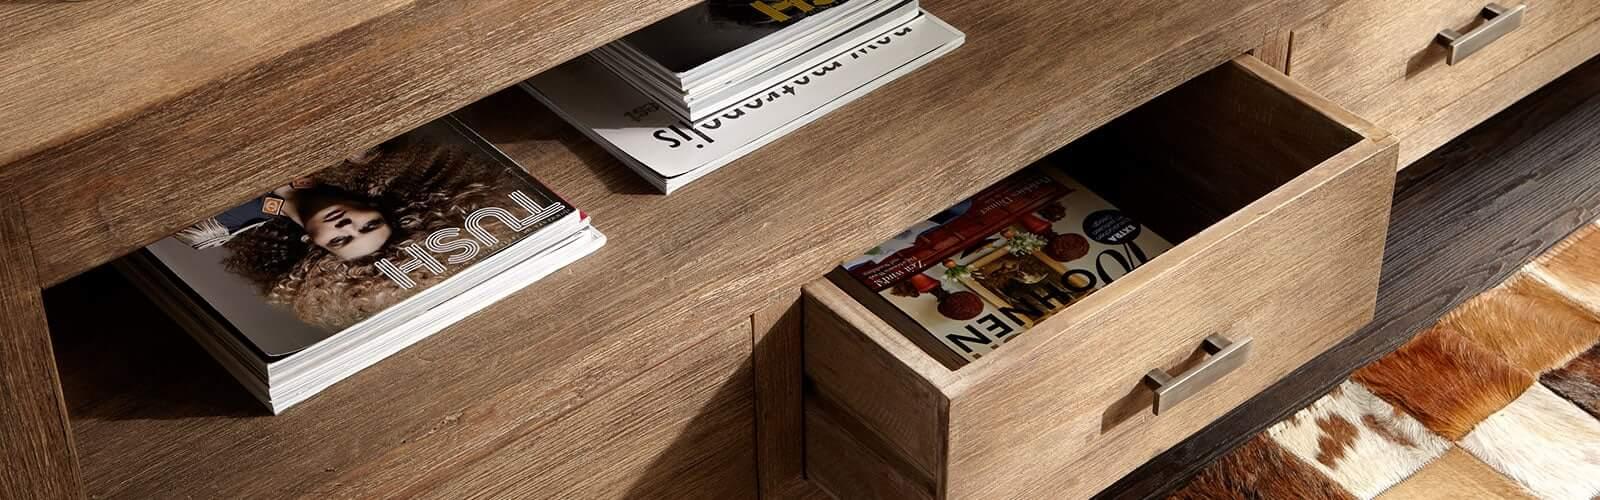 Möbel aus Akazie